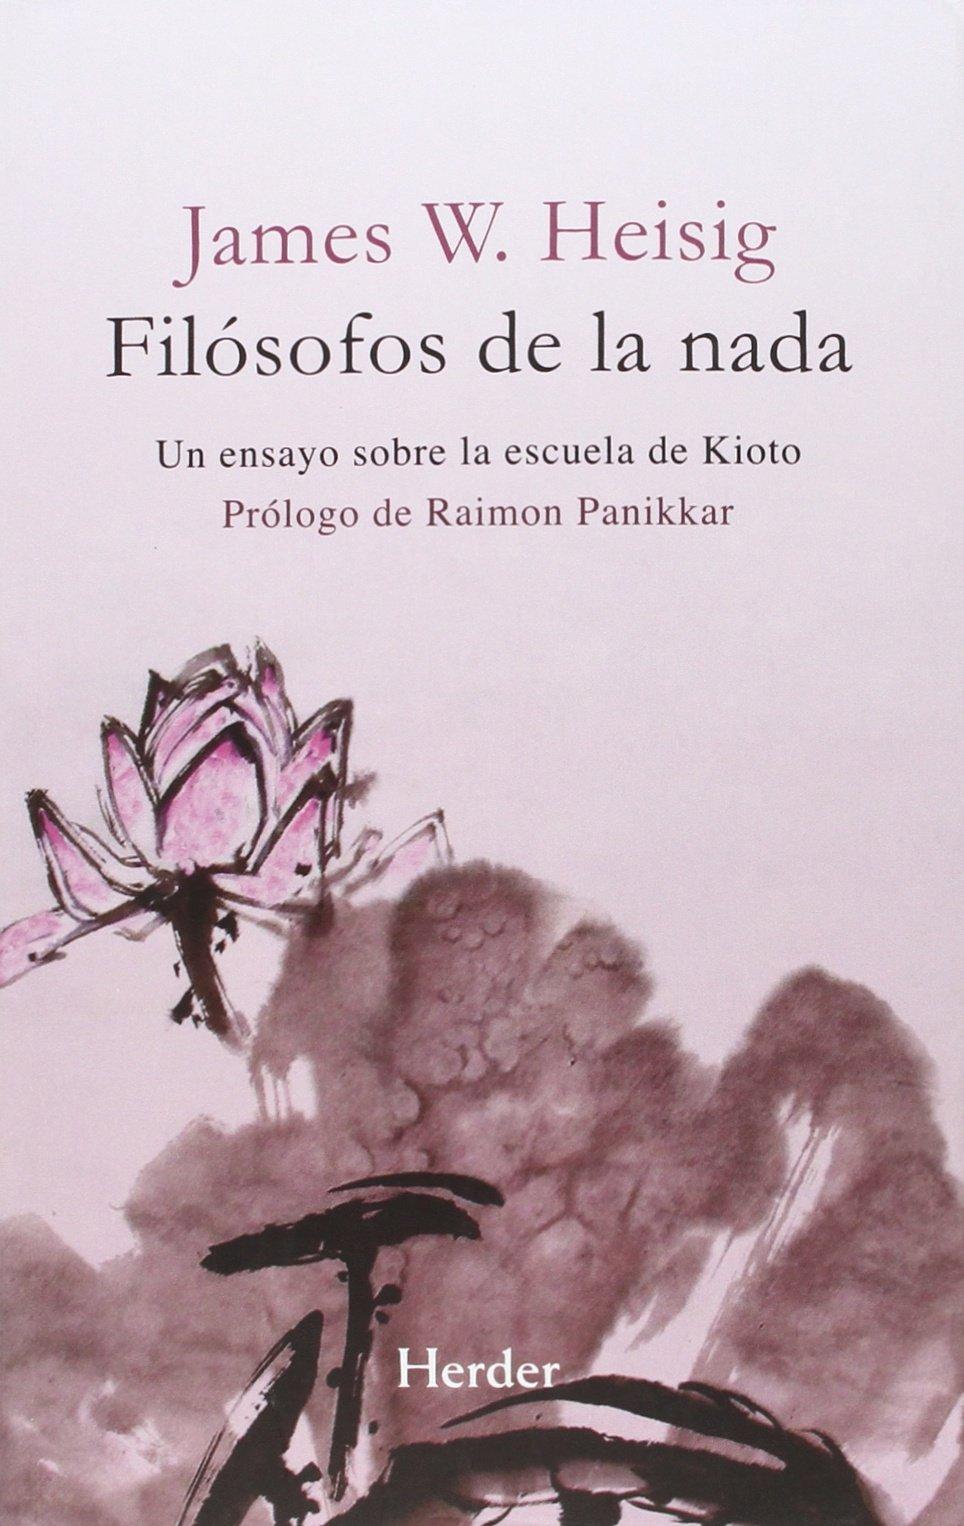 Portada libro - Filósofos de la nada: un ensayo sobre la escuela de Kioto